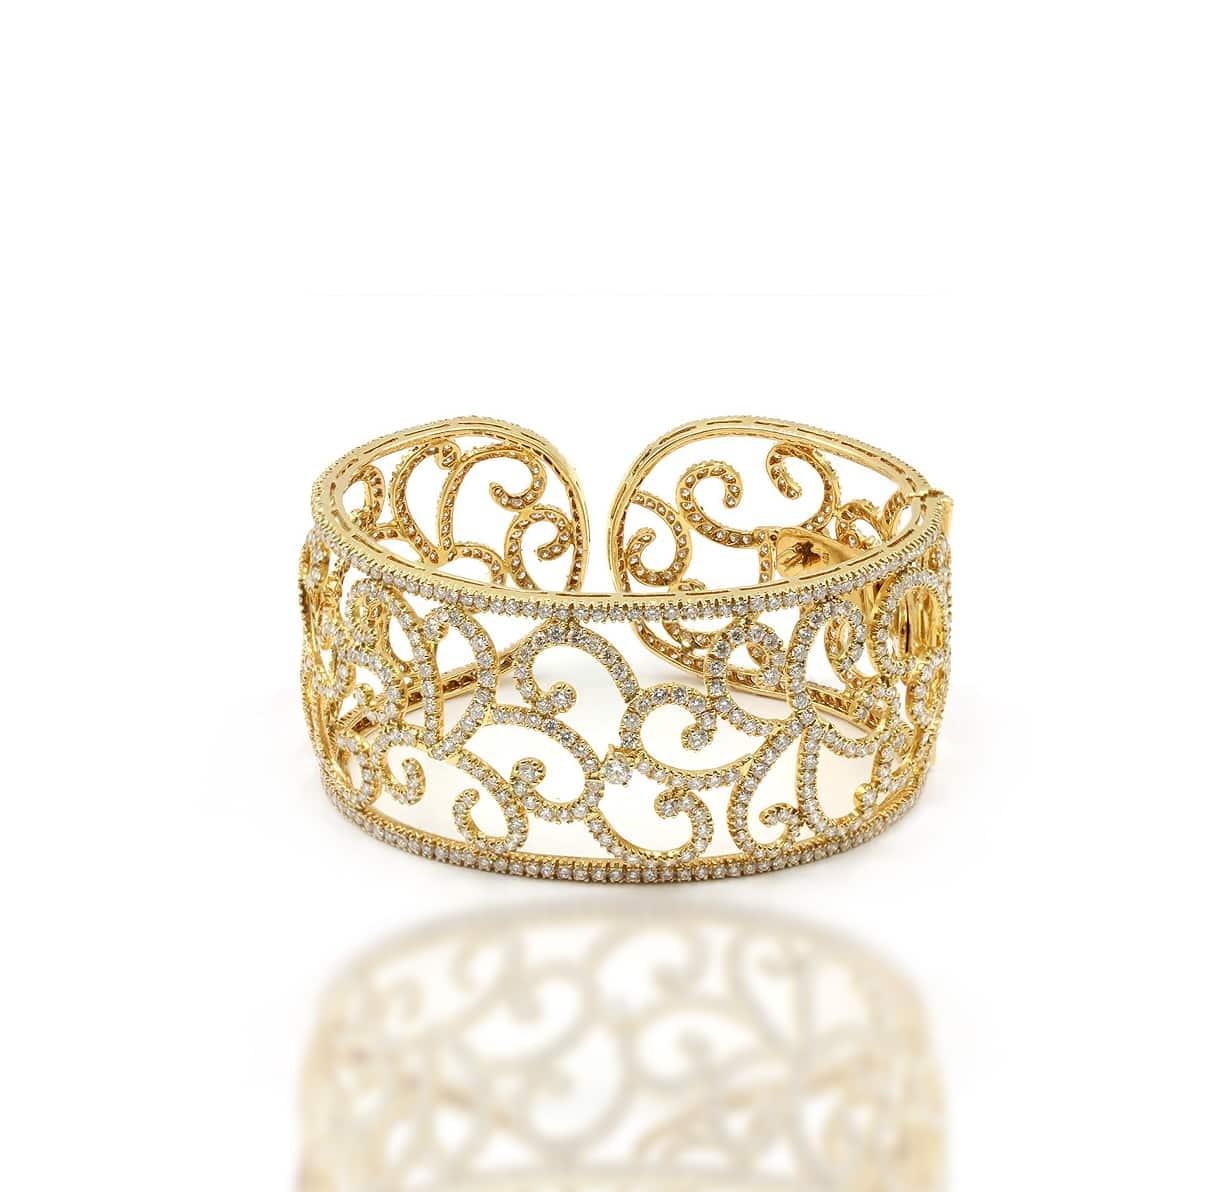 Estate Gold Cuff Bracelet